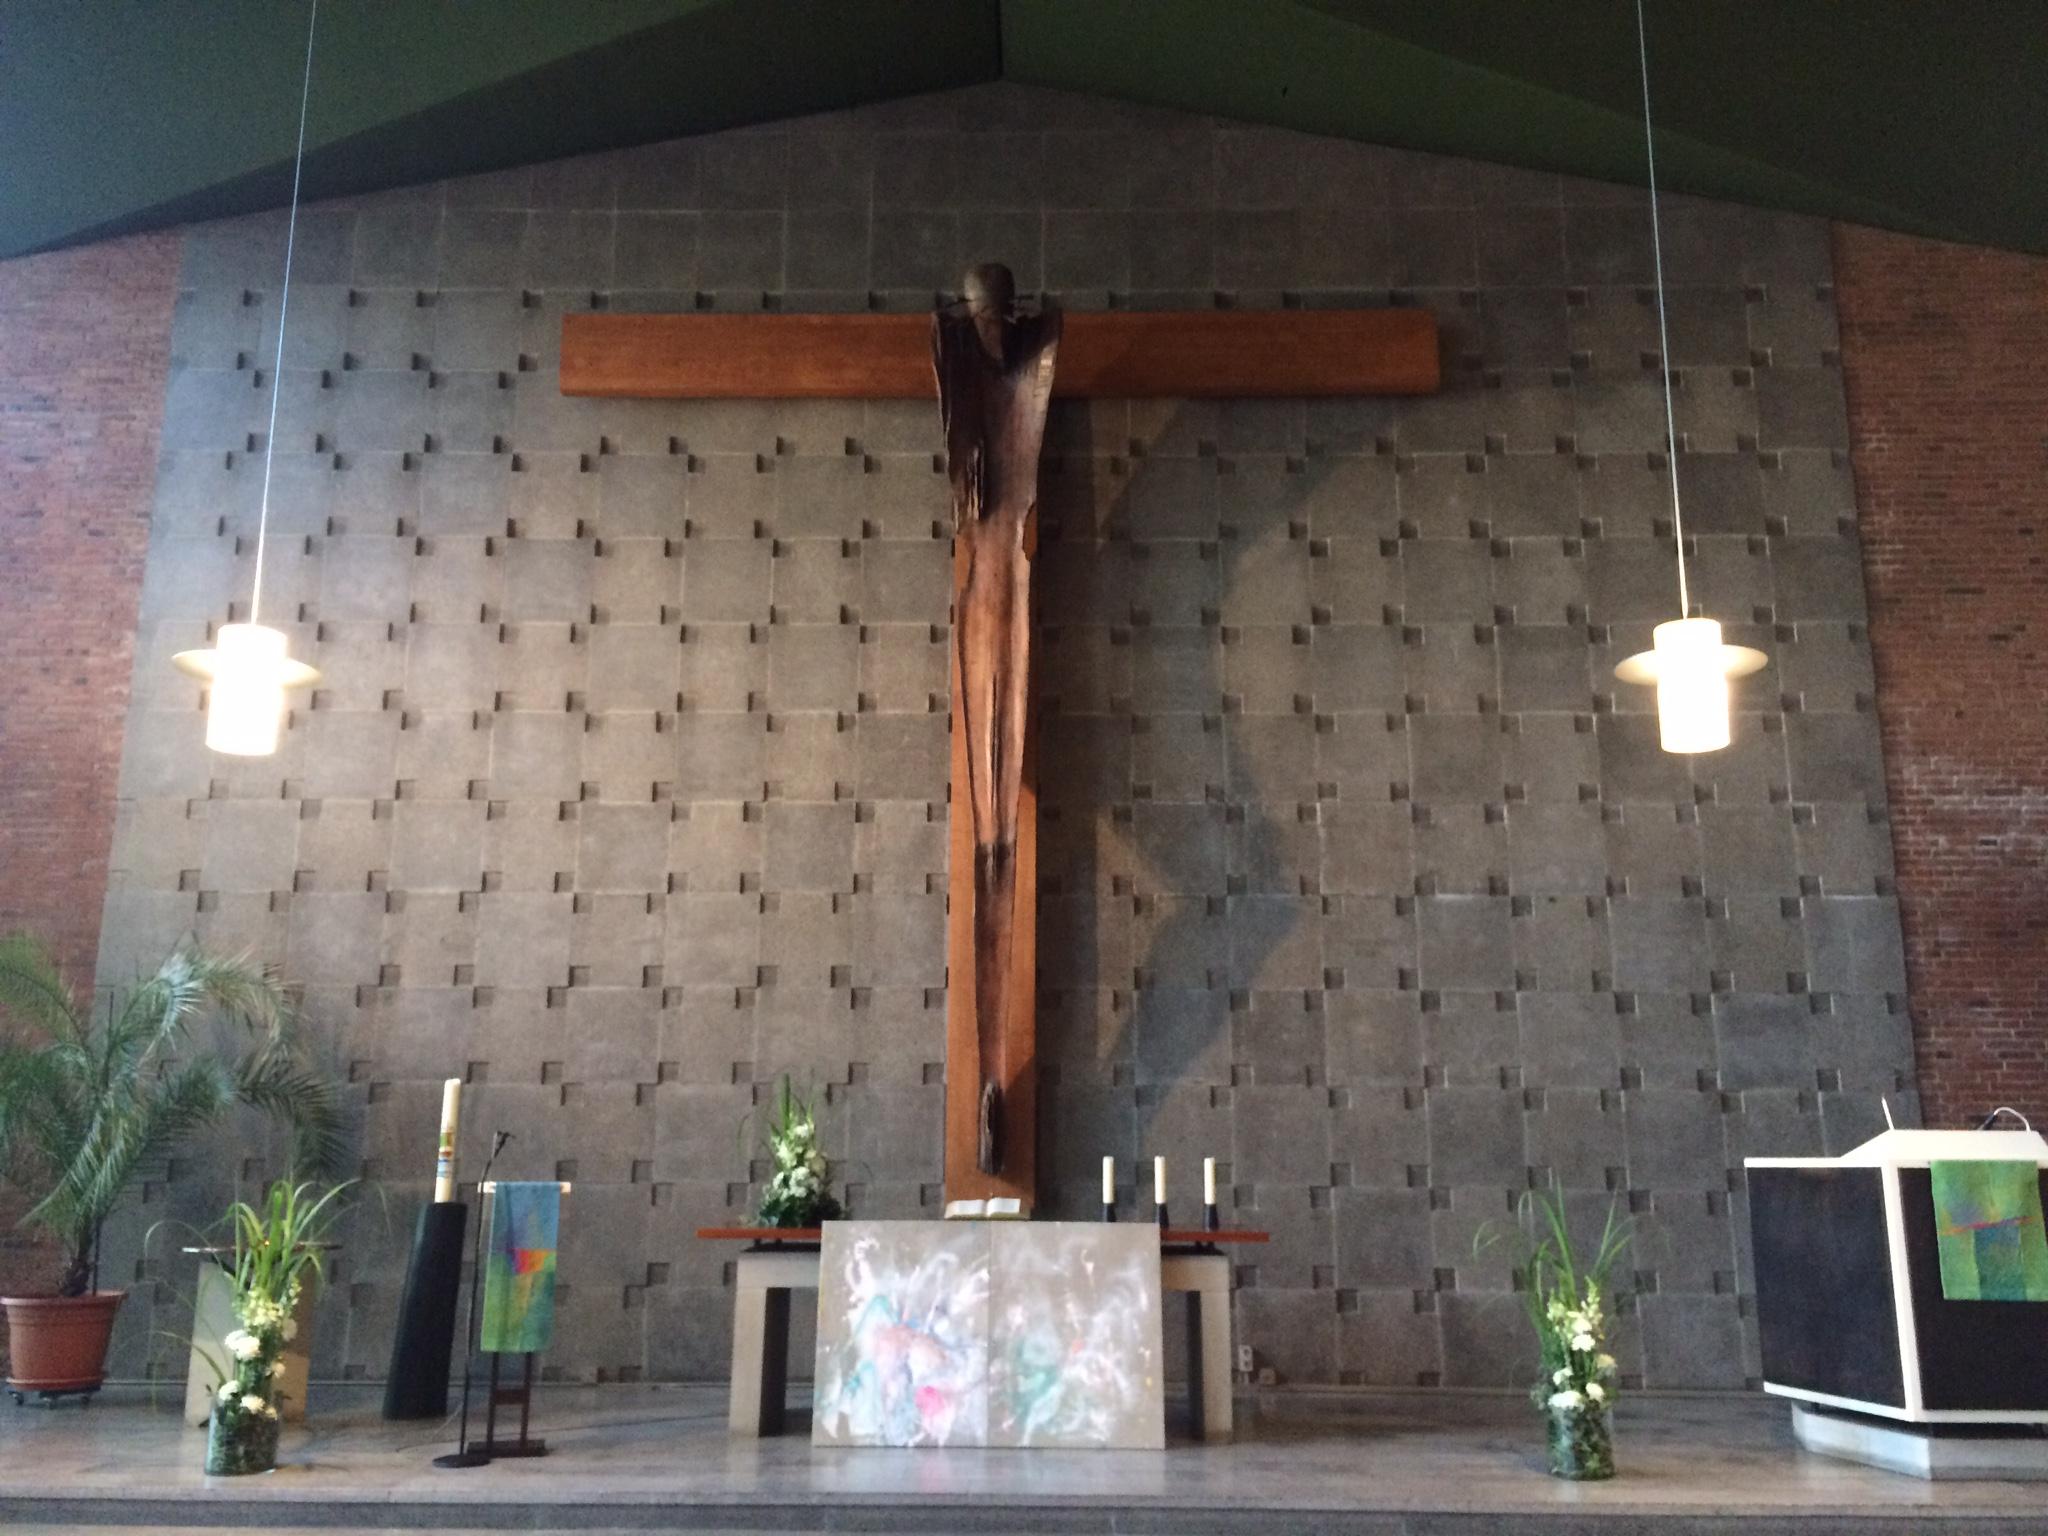 Liebesgedicht_Ein Klang von Yin und Yang_ALiciaHenry_Paul-Gerhart-Kirche.JPG